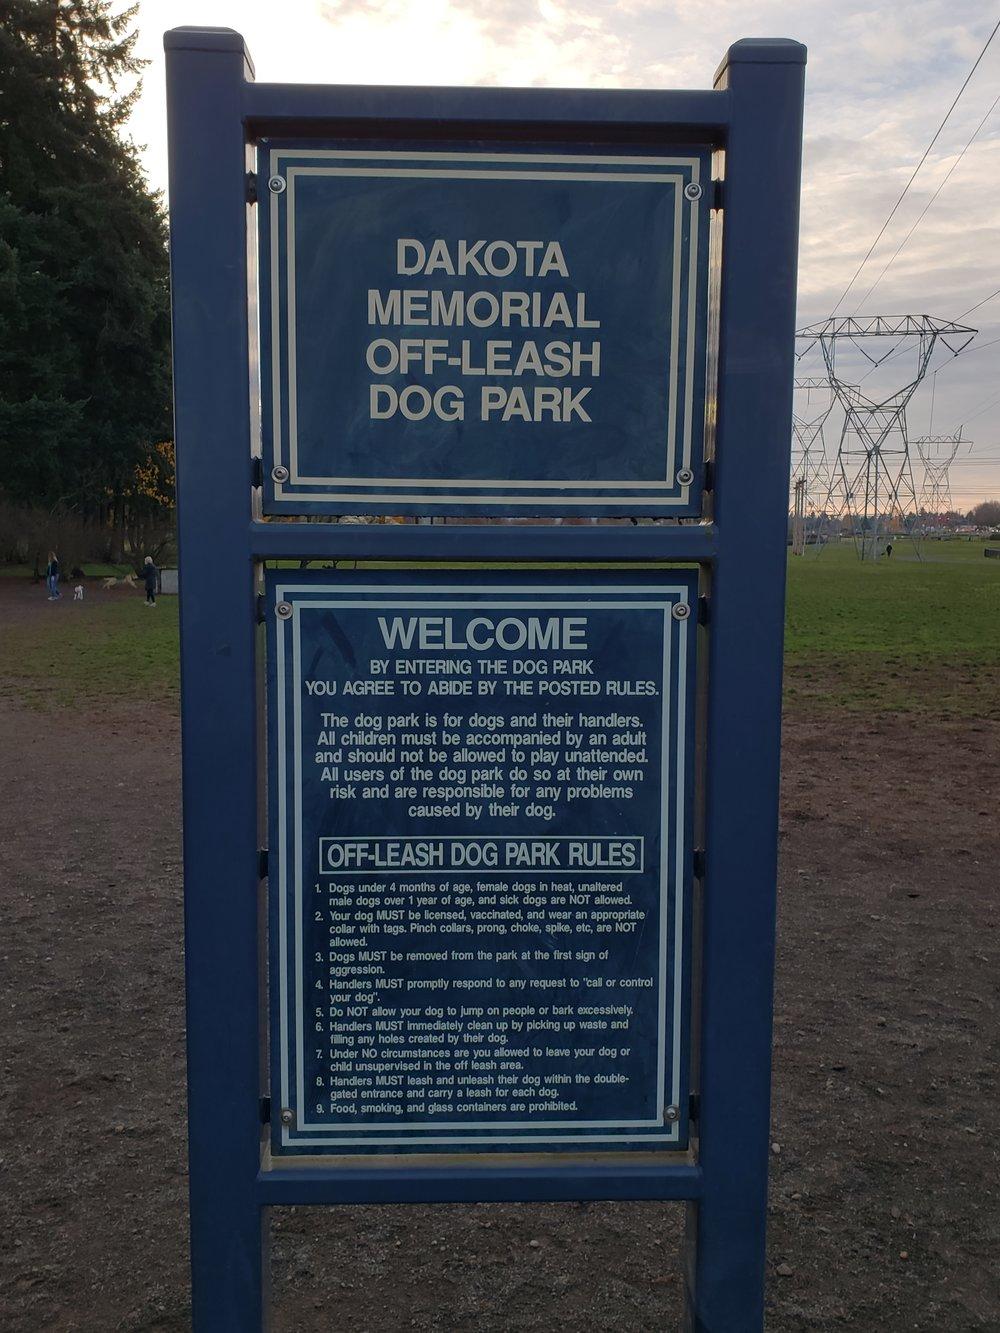 Dakota Dog Park Rules.jpg